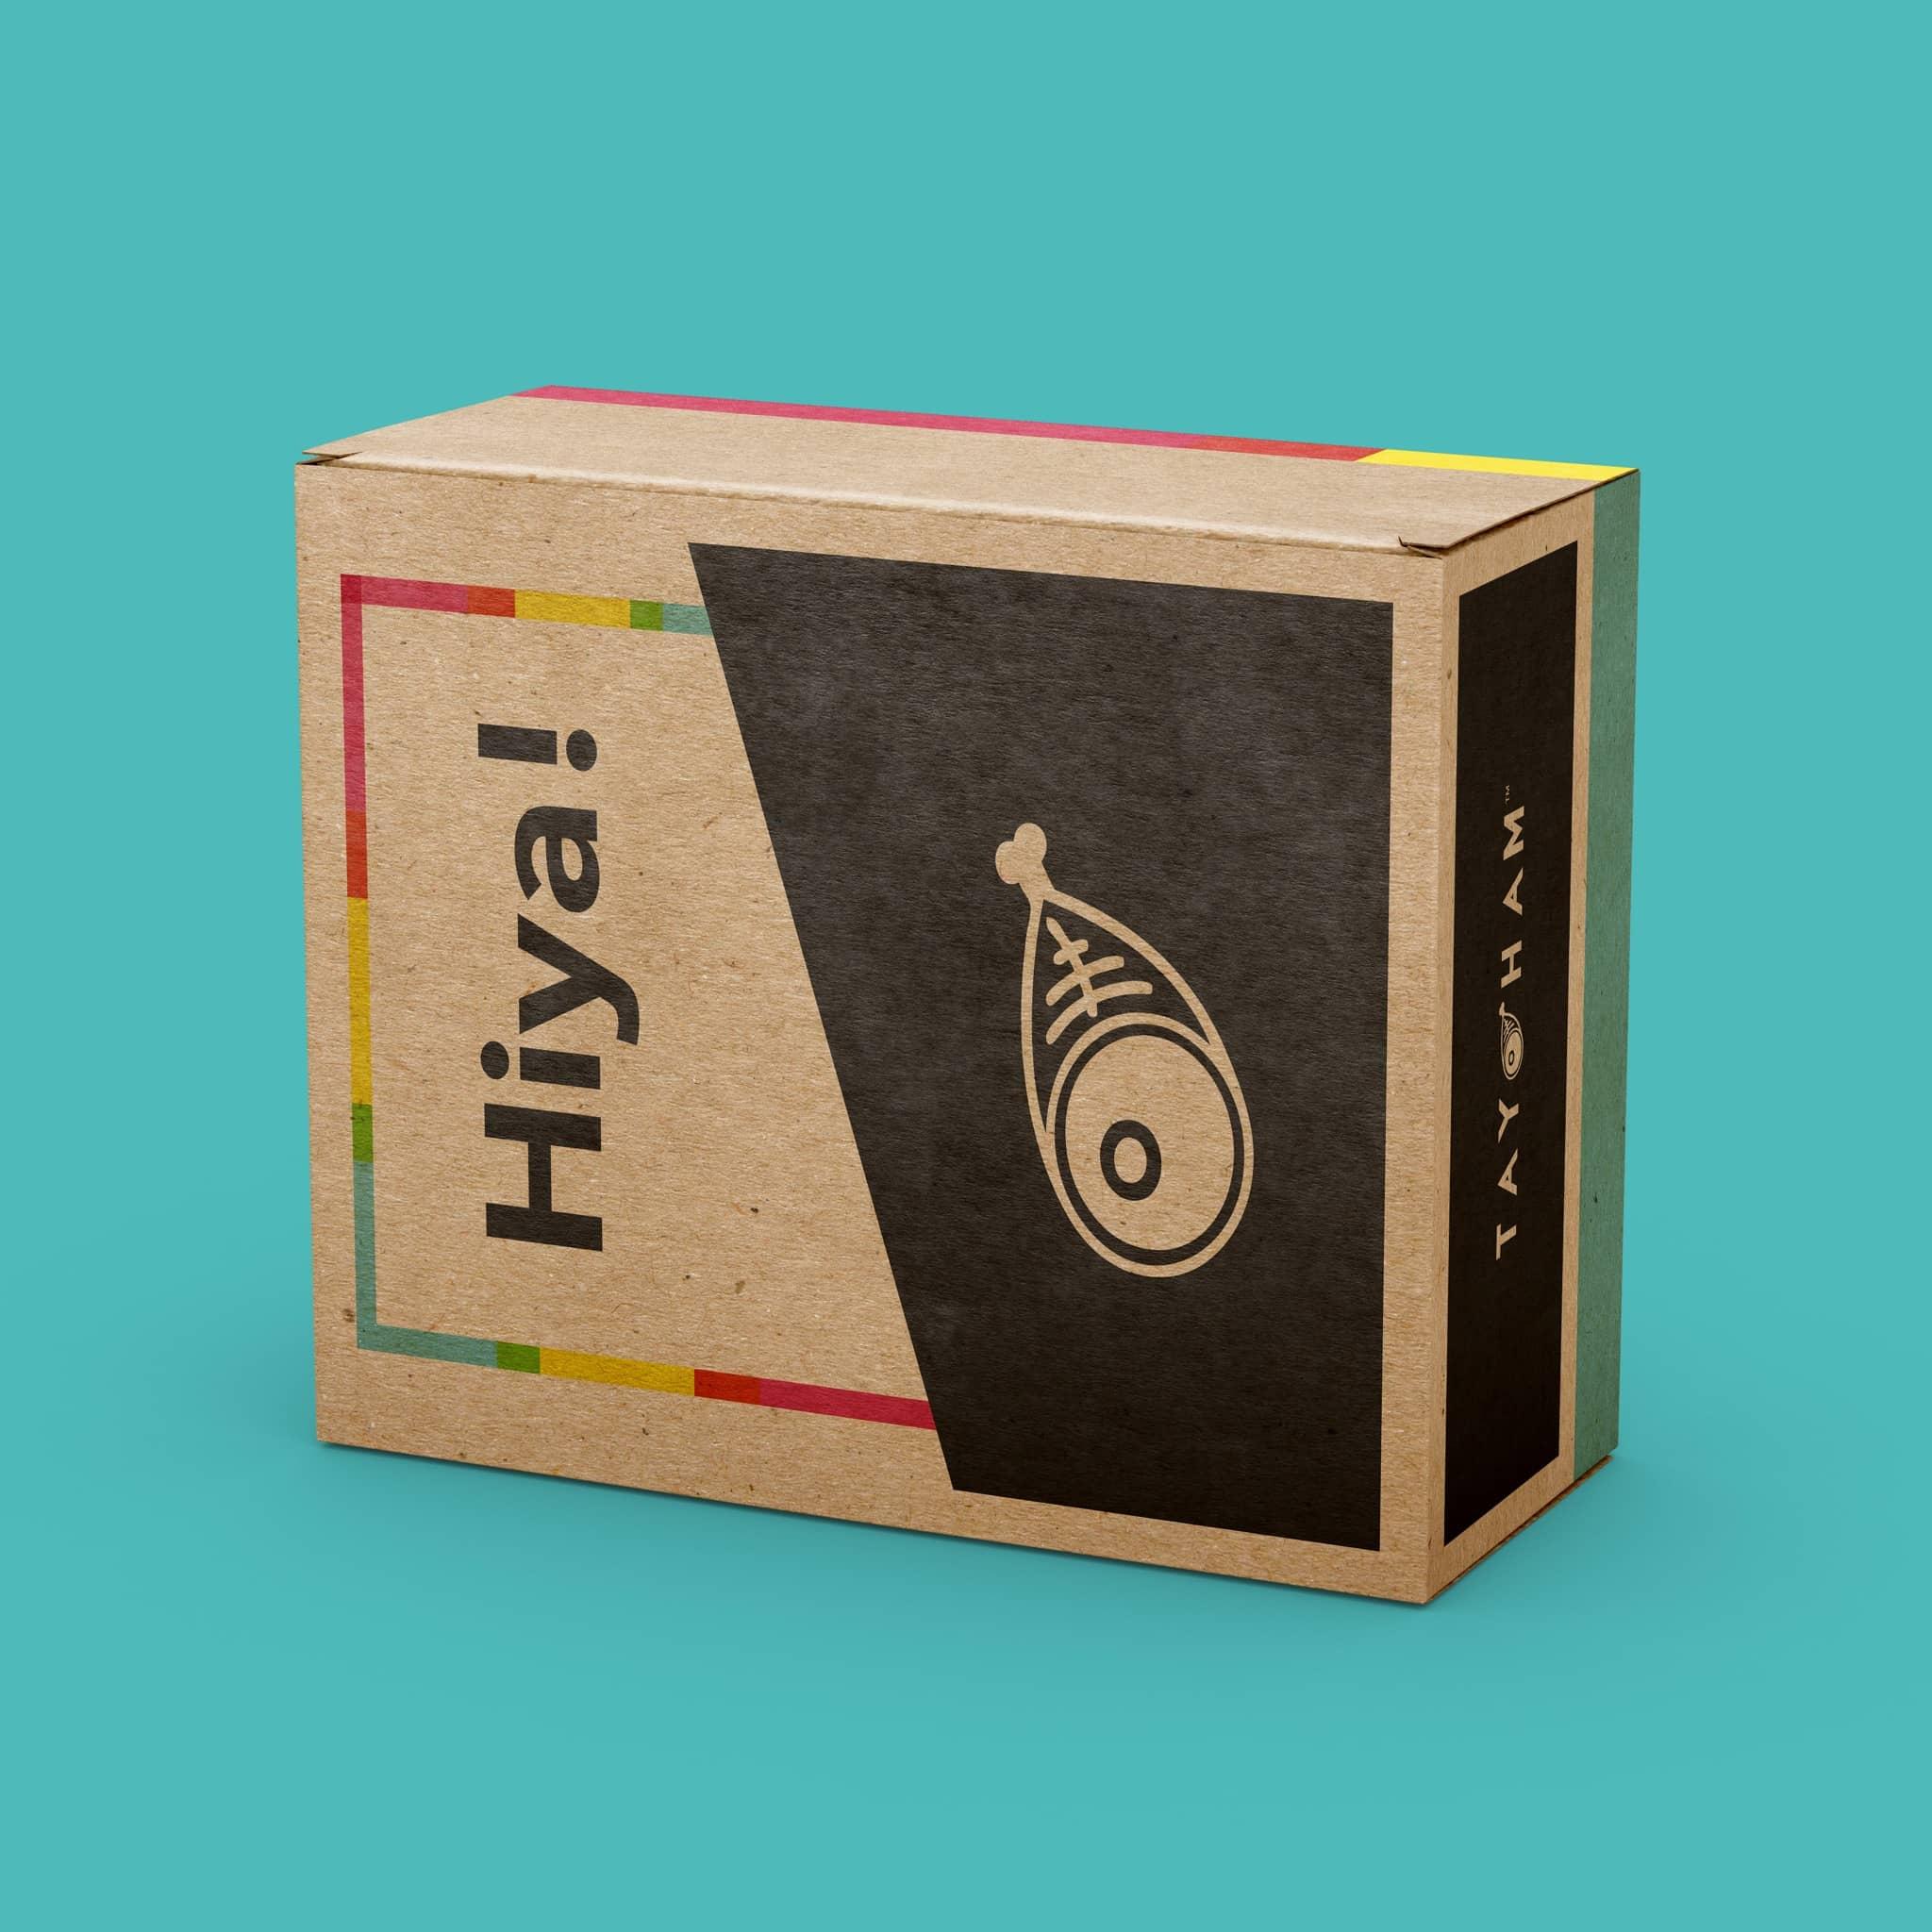 Tayham - package desgin by Brand Engine